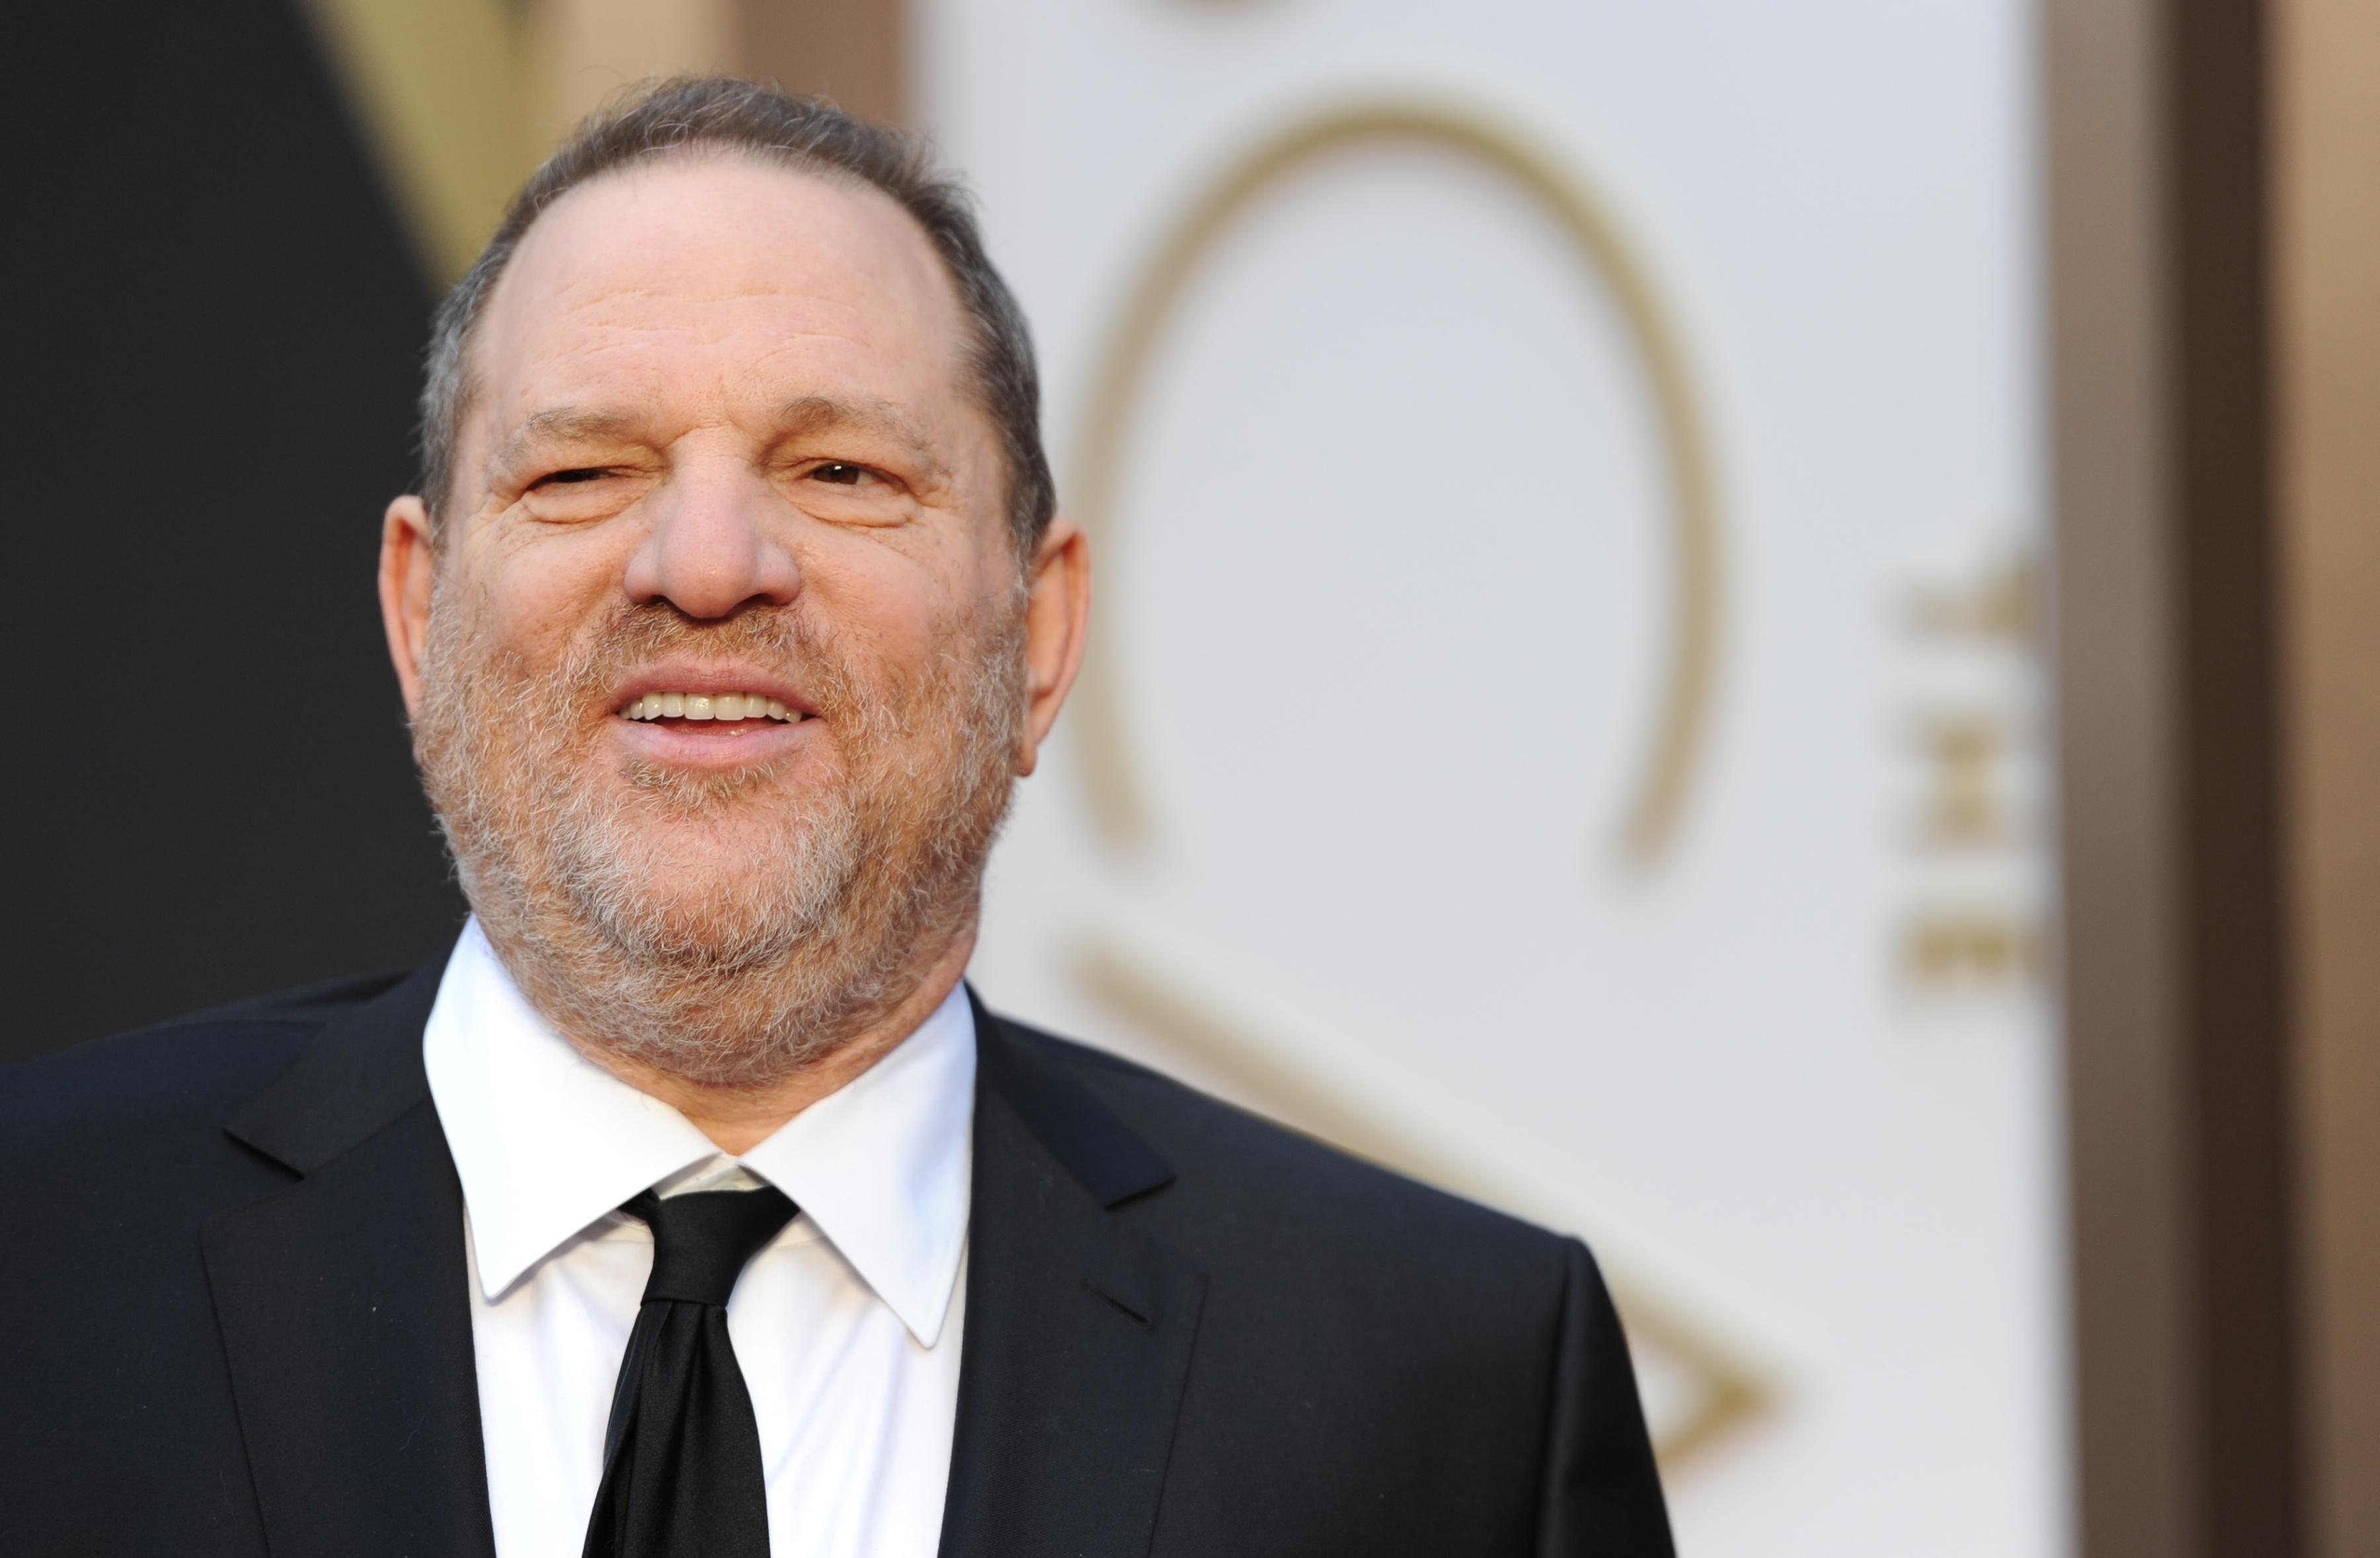 Harvey Weinstein 44 millió dolláros egyezséget kötött az őt szexuális zaklatással vádoló nőkkel